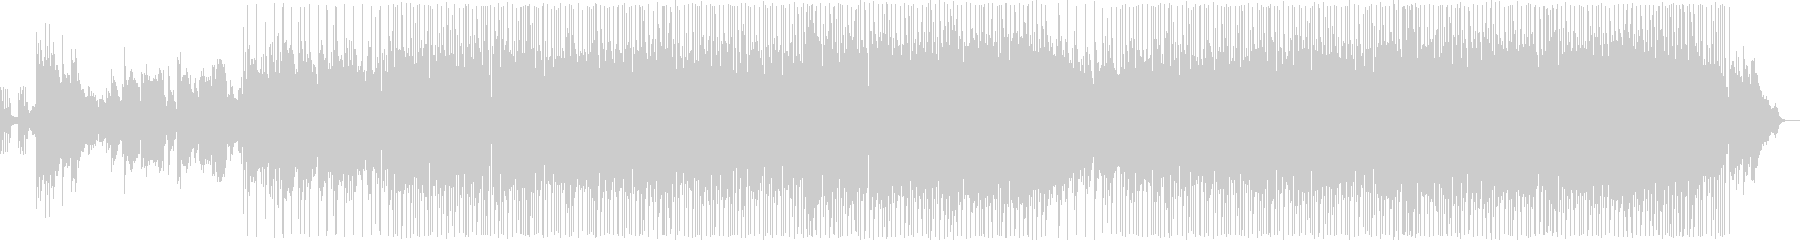 優しい雰囲気のR&Bバラードの未再生の波形